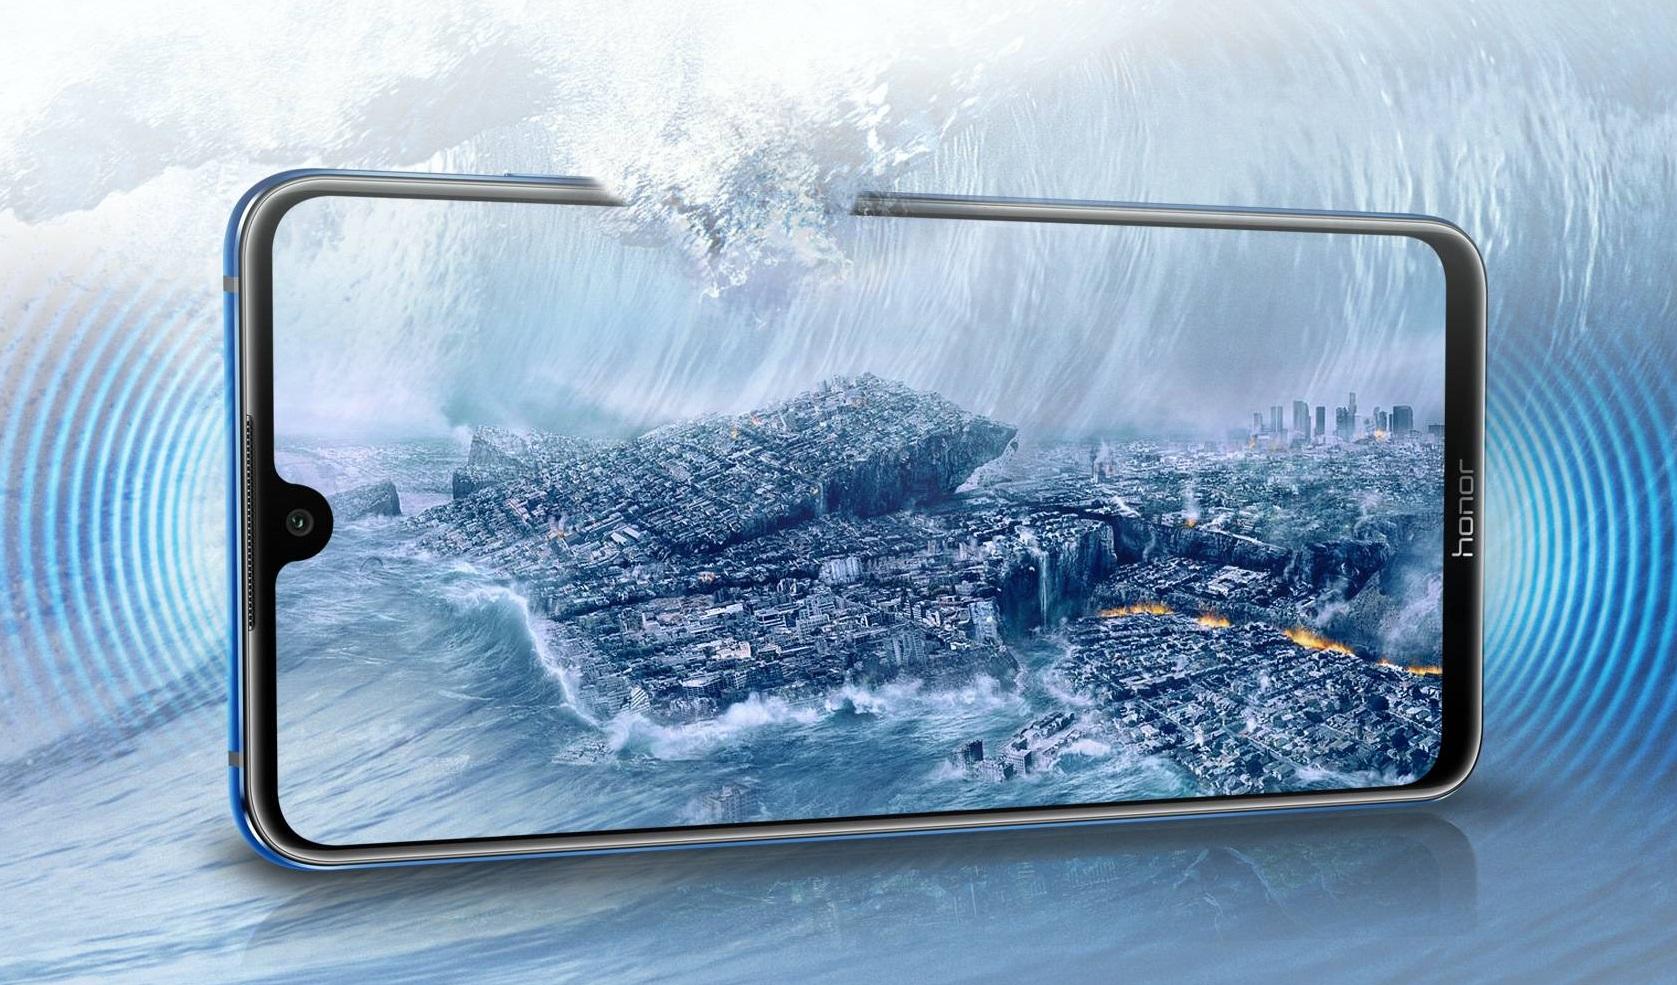 مزايا وعيوب هاتف Honor 8X Max في ضور تغير خريطة الهواتف متوسطة الفئة